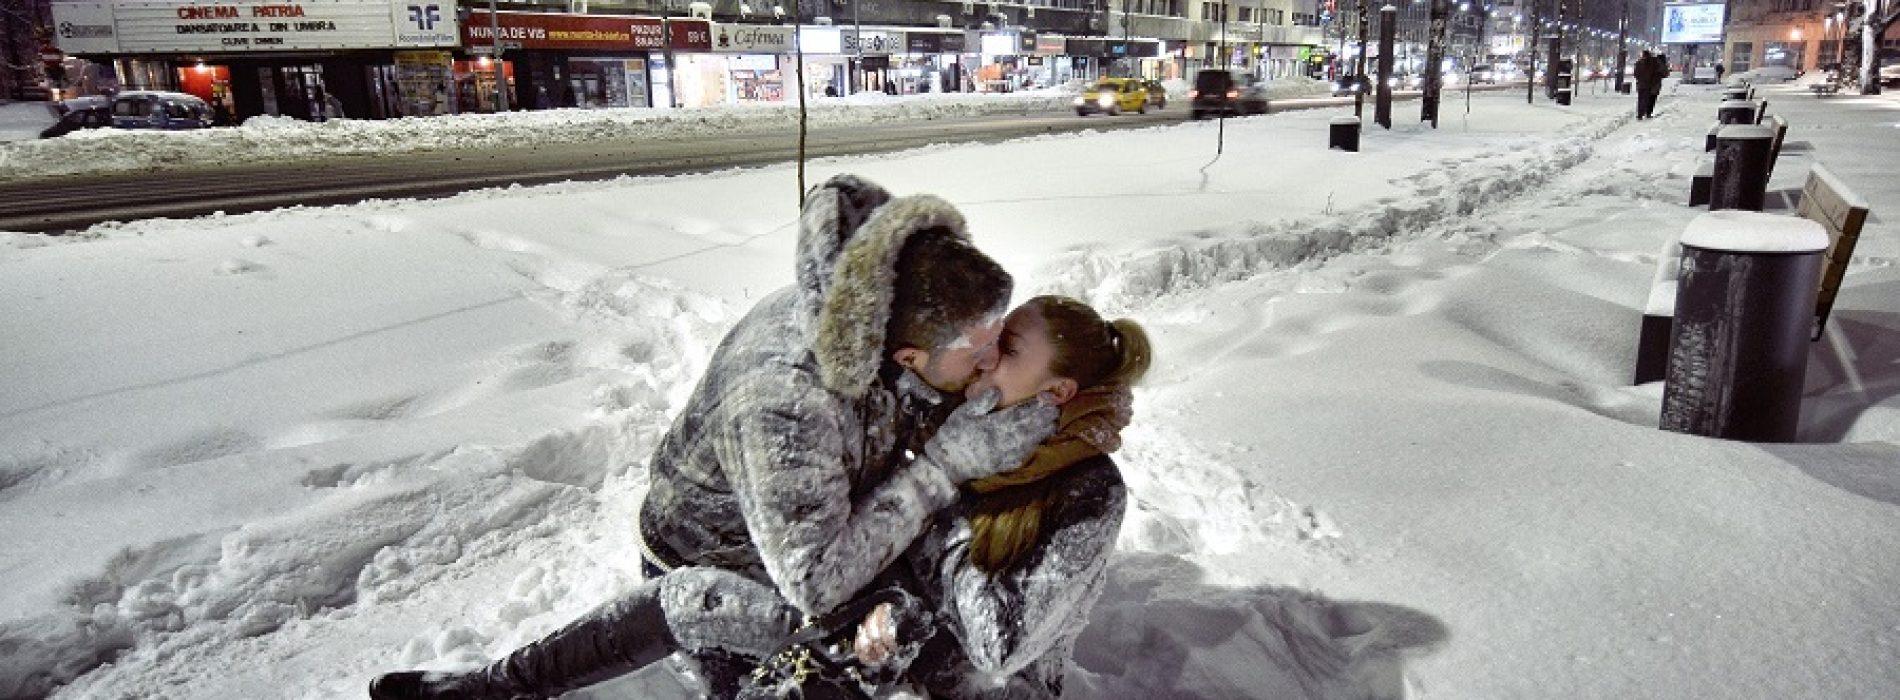 Patru fotografi îți vând câteva trucuri ca să obții cele mai bune cadre de iarnă